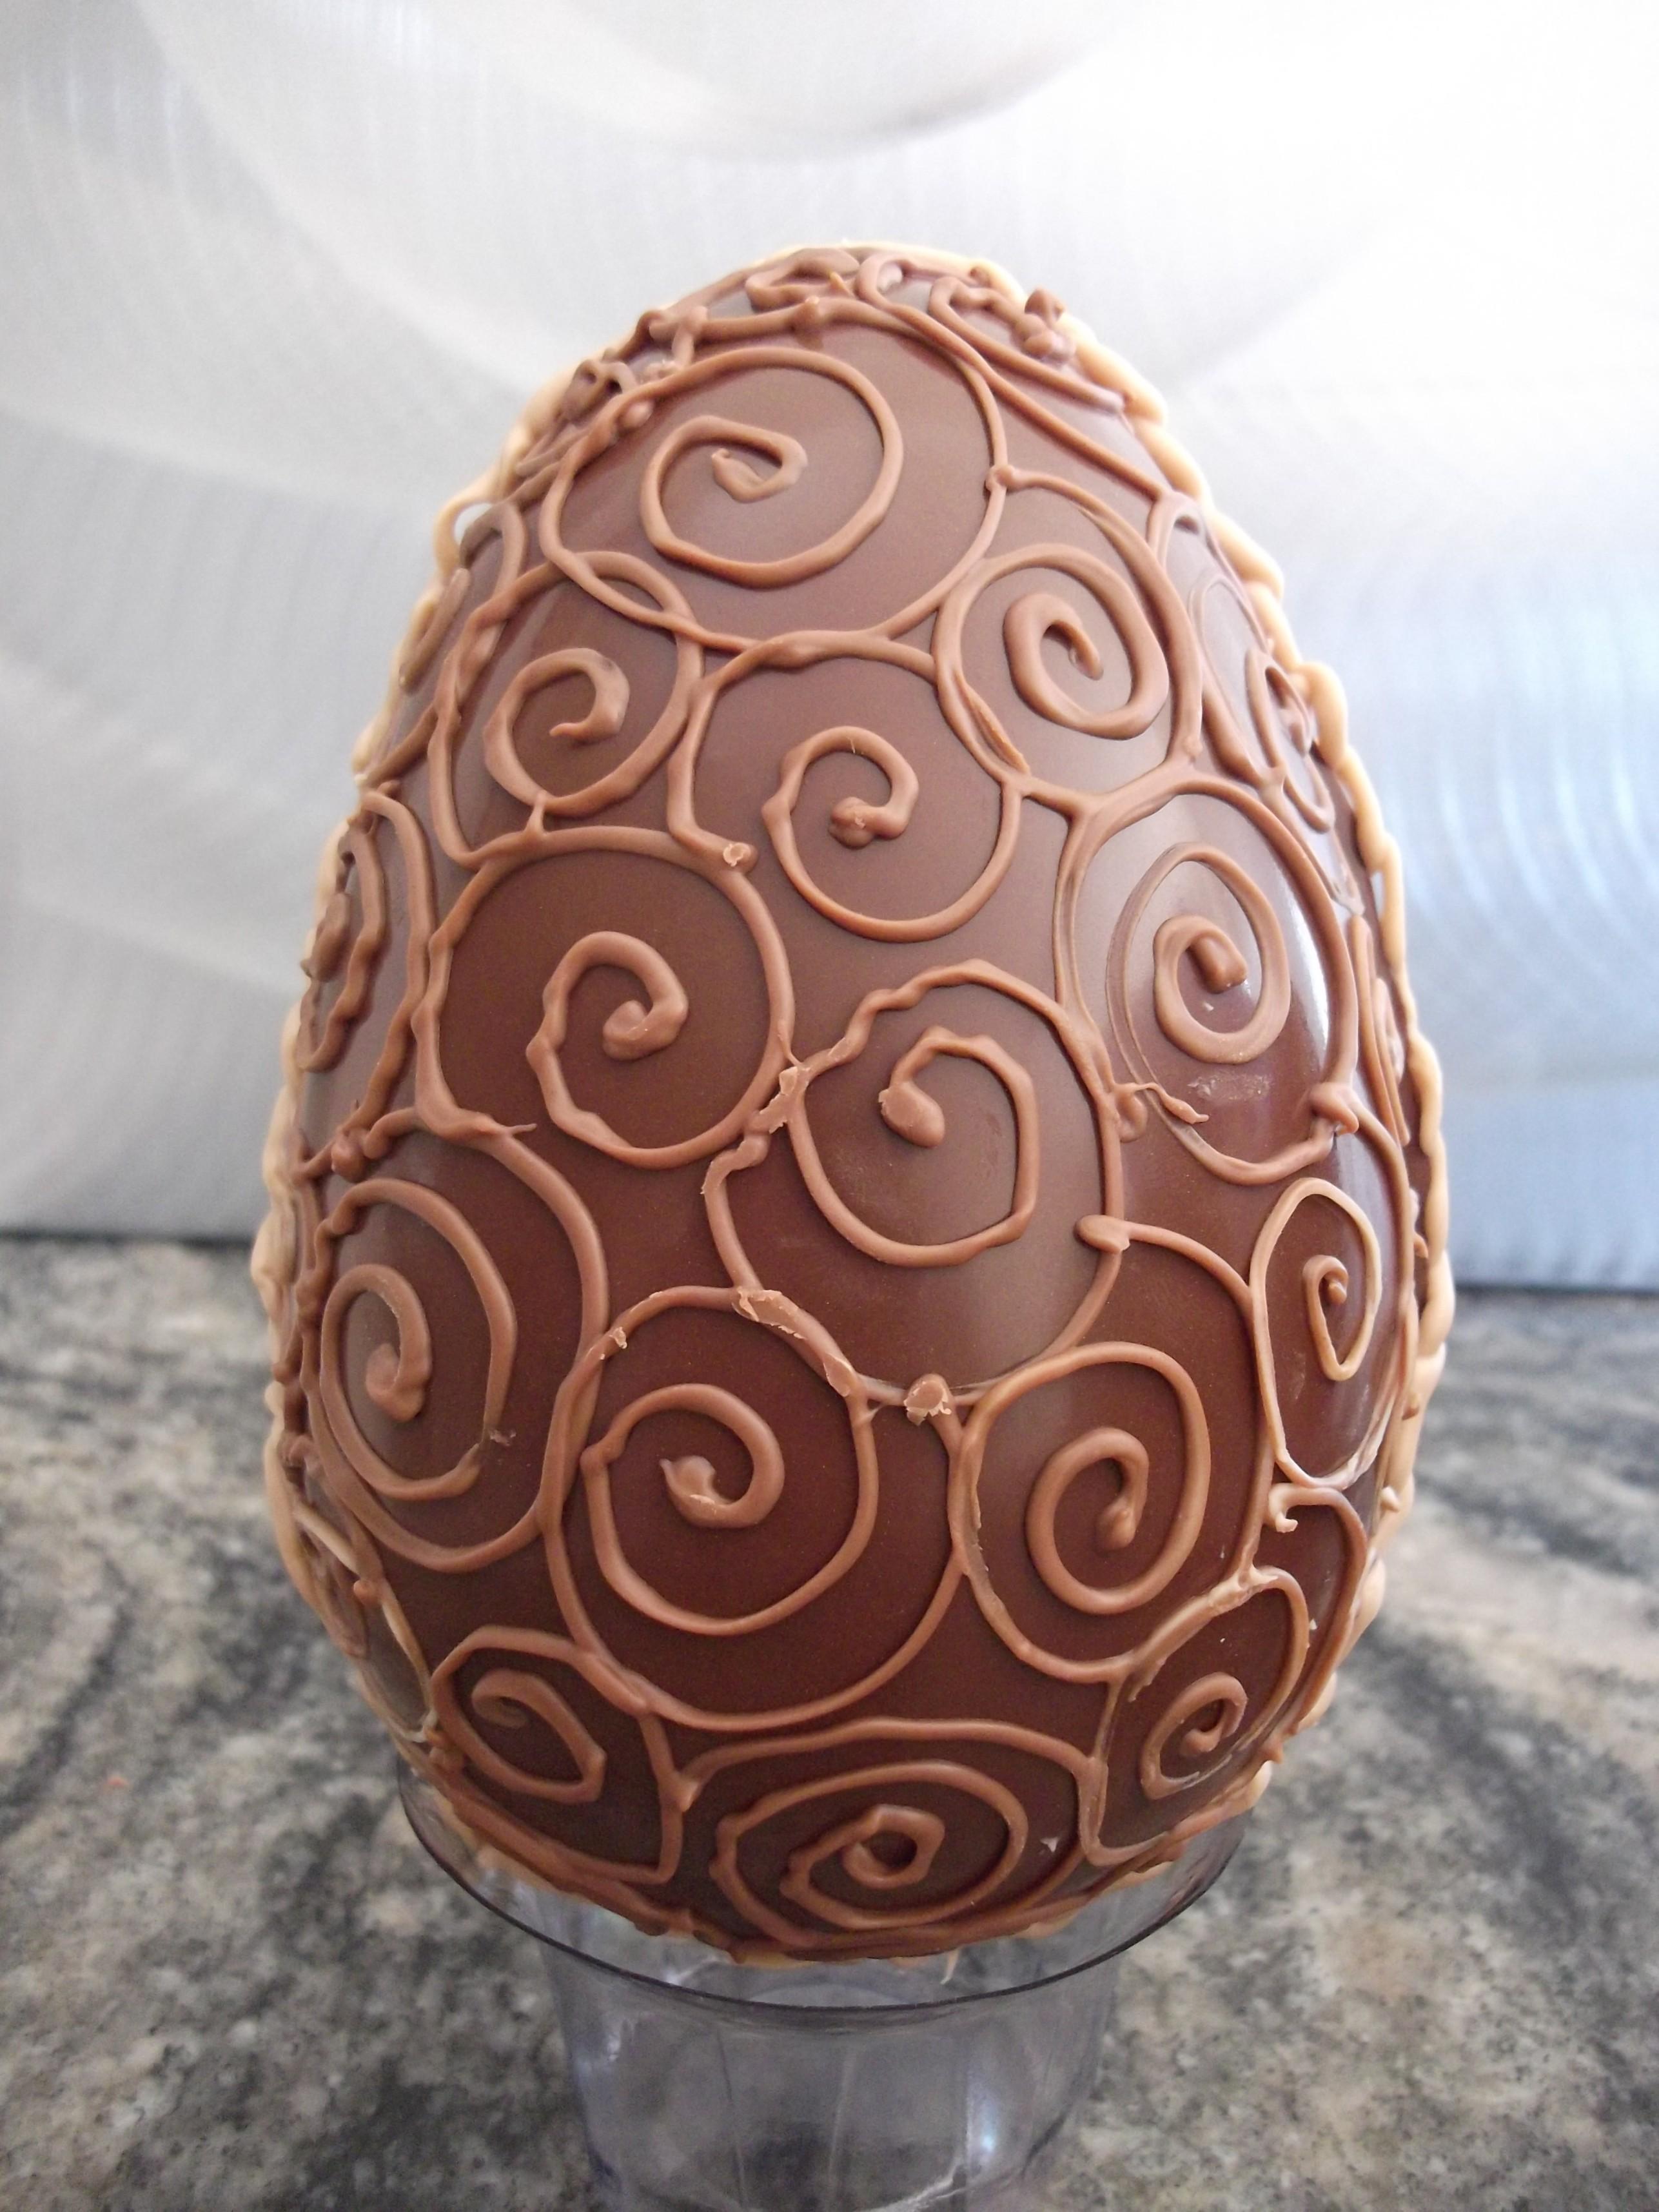 Ovo de páscoa decorado 750 grs AnnaClara Artesanato Culinário Elo7